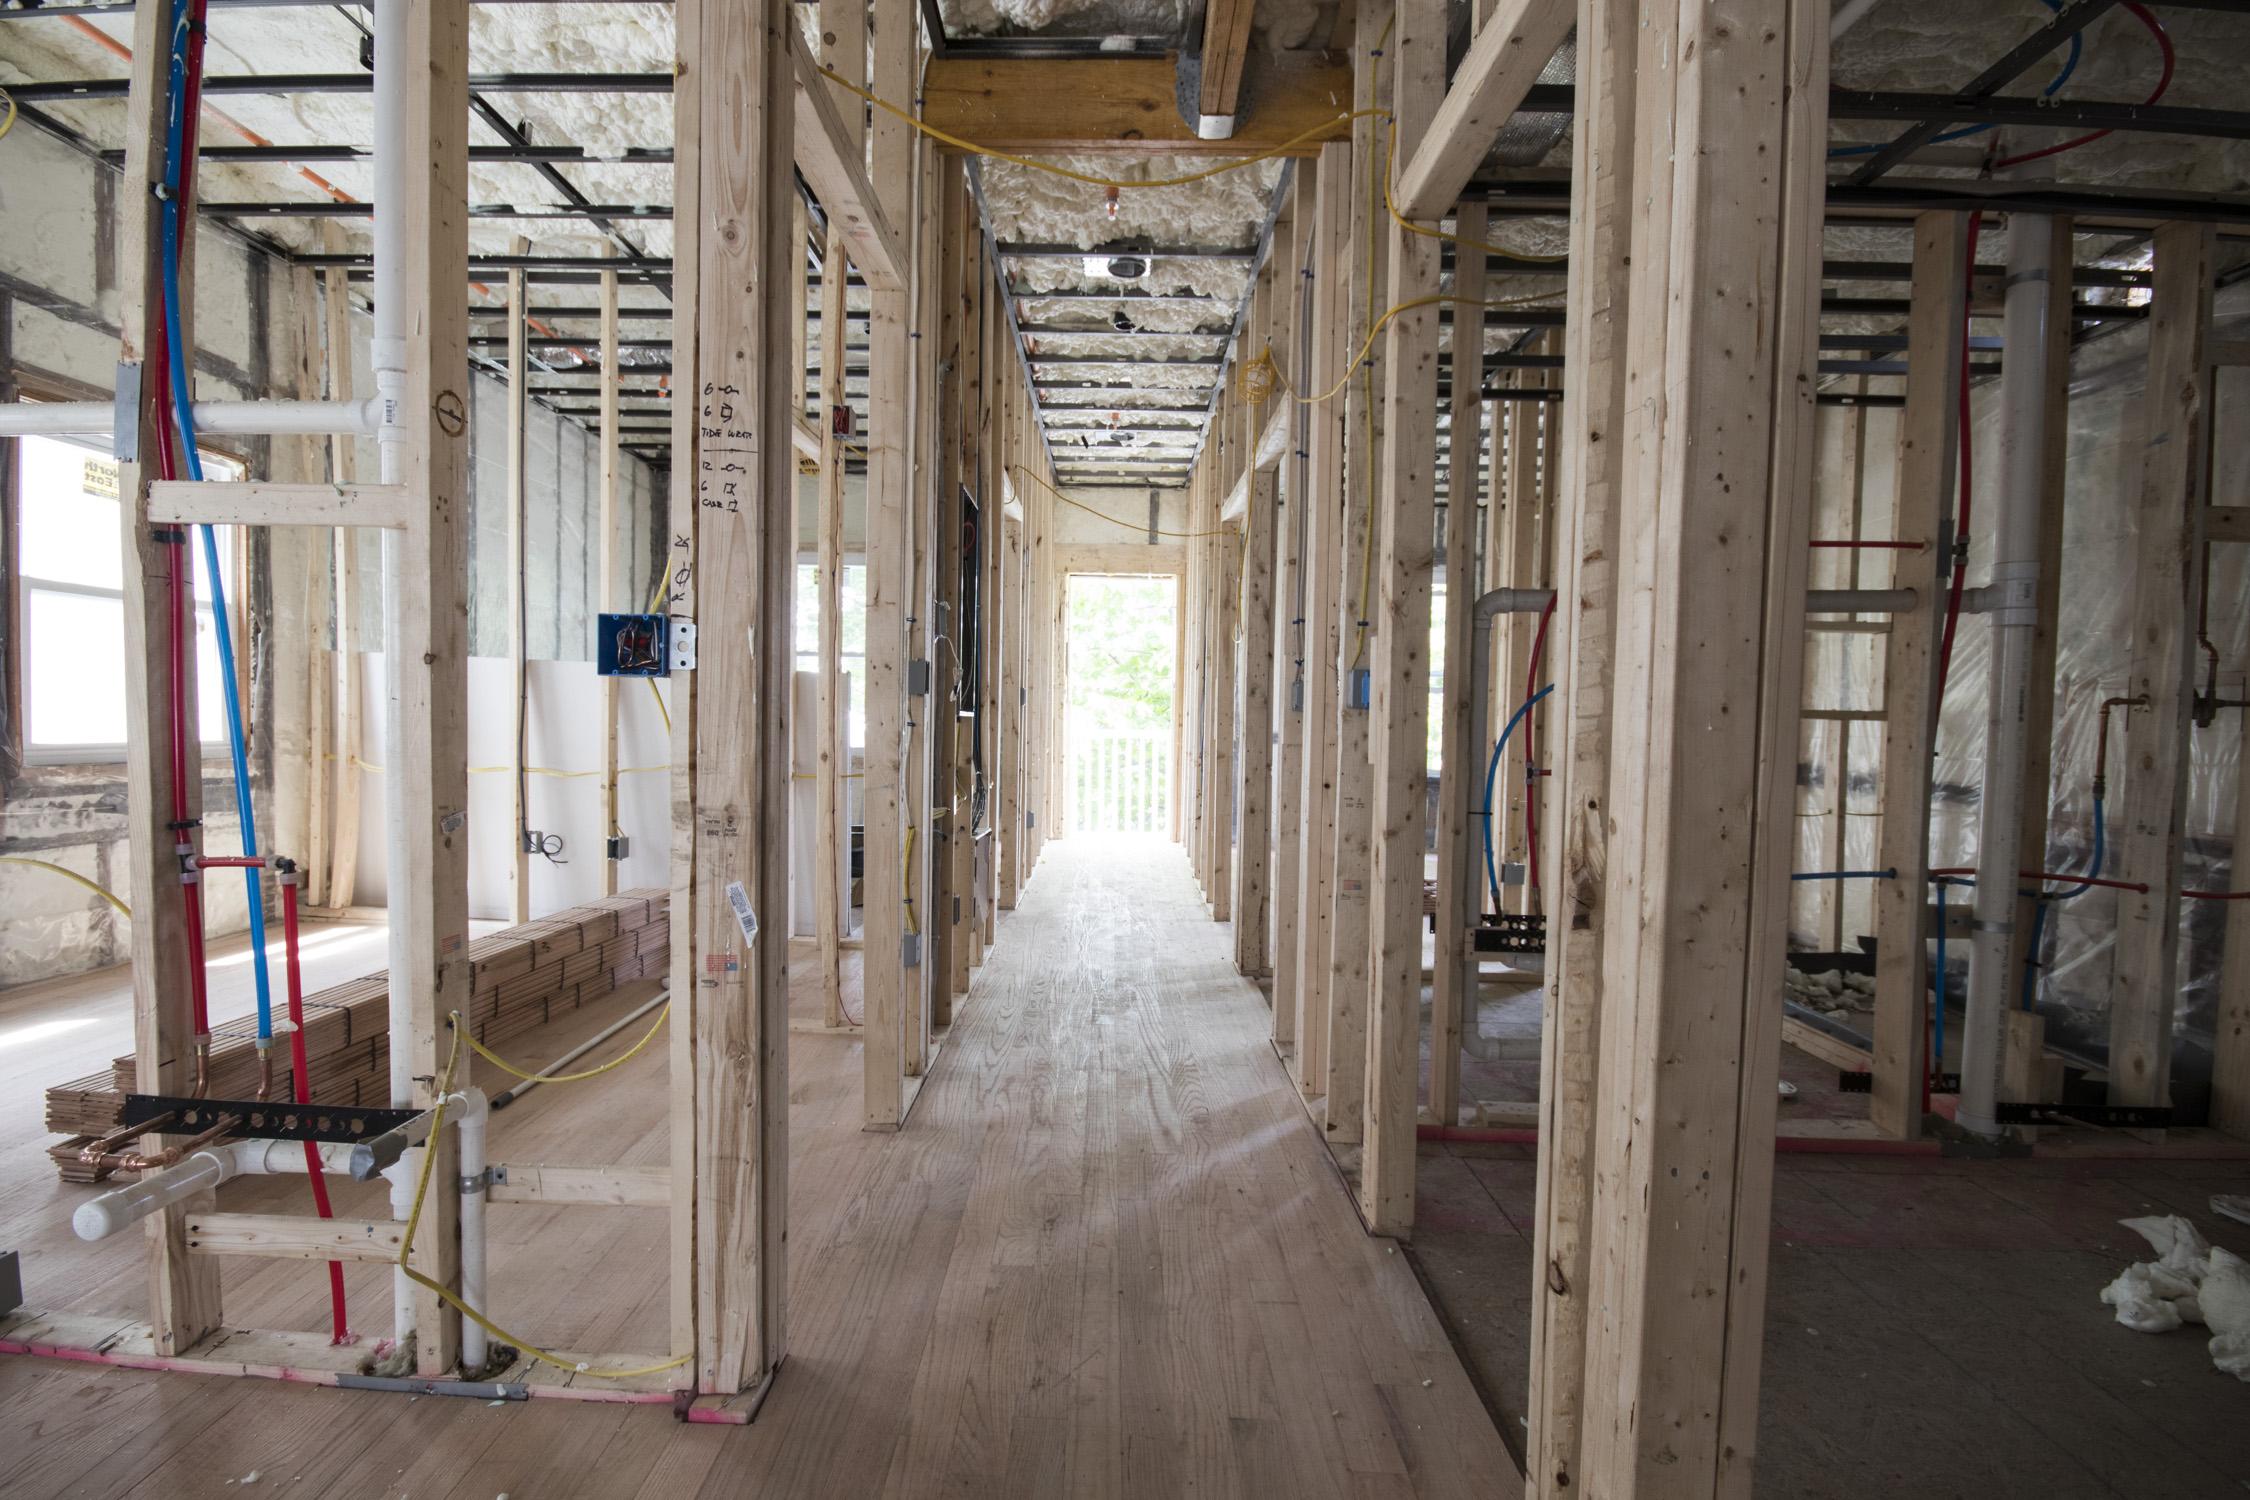 25 Darling Street Boston General Contractor P Northeast Contractors_134